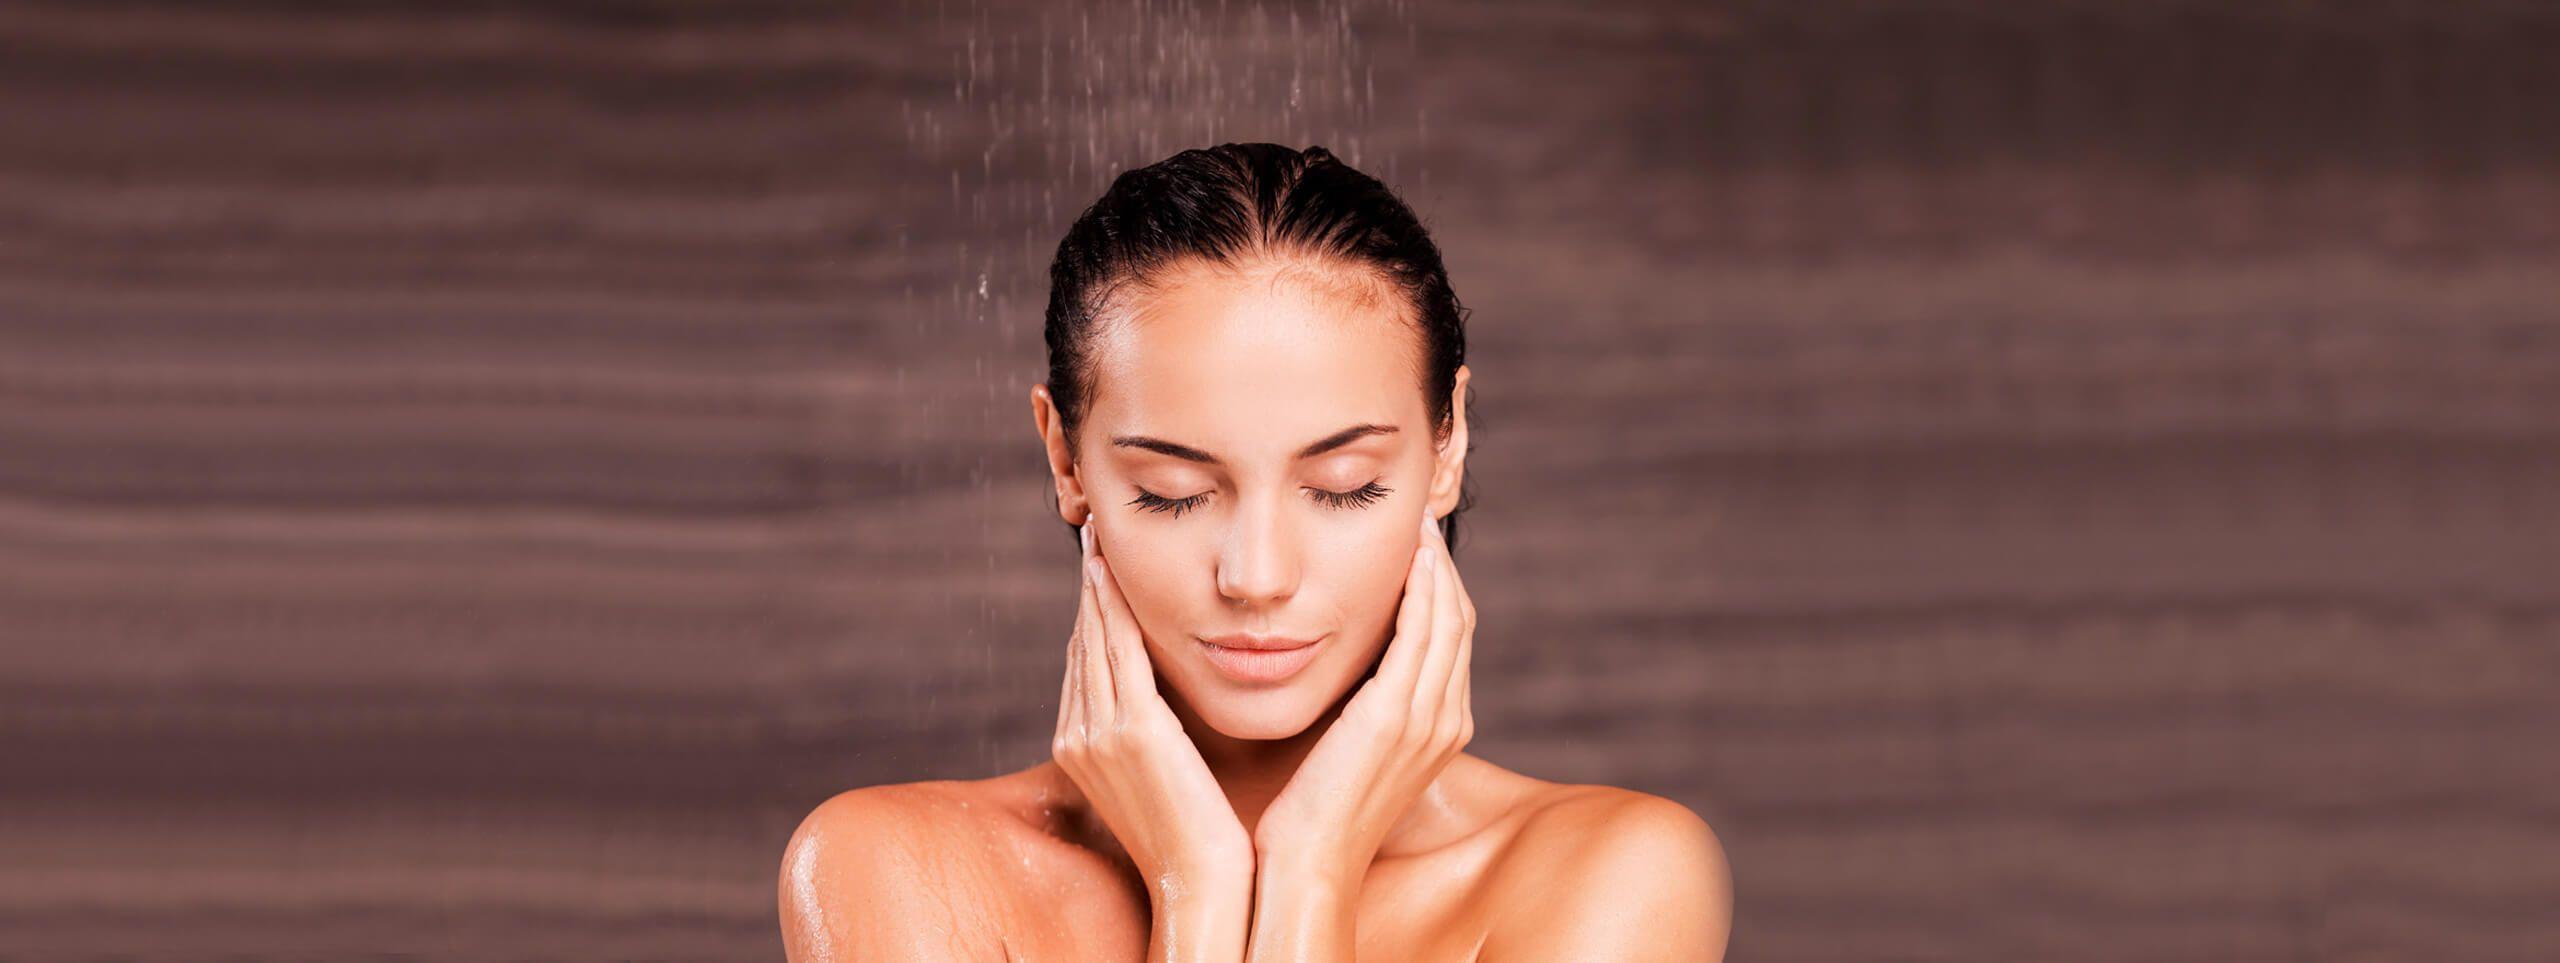 Donna che si lava i capelli sotto la doccia